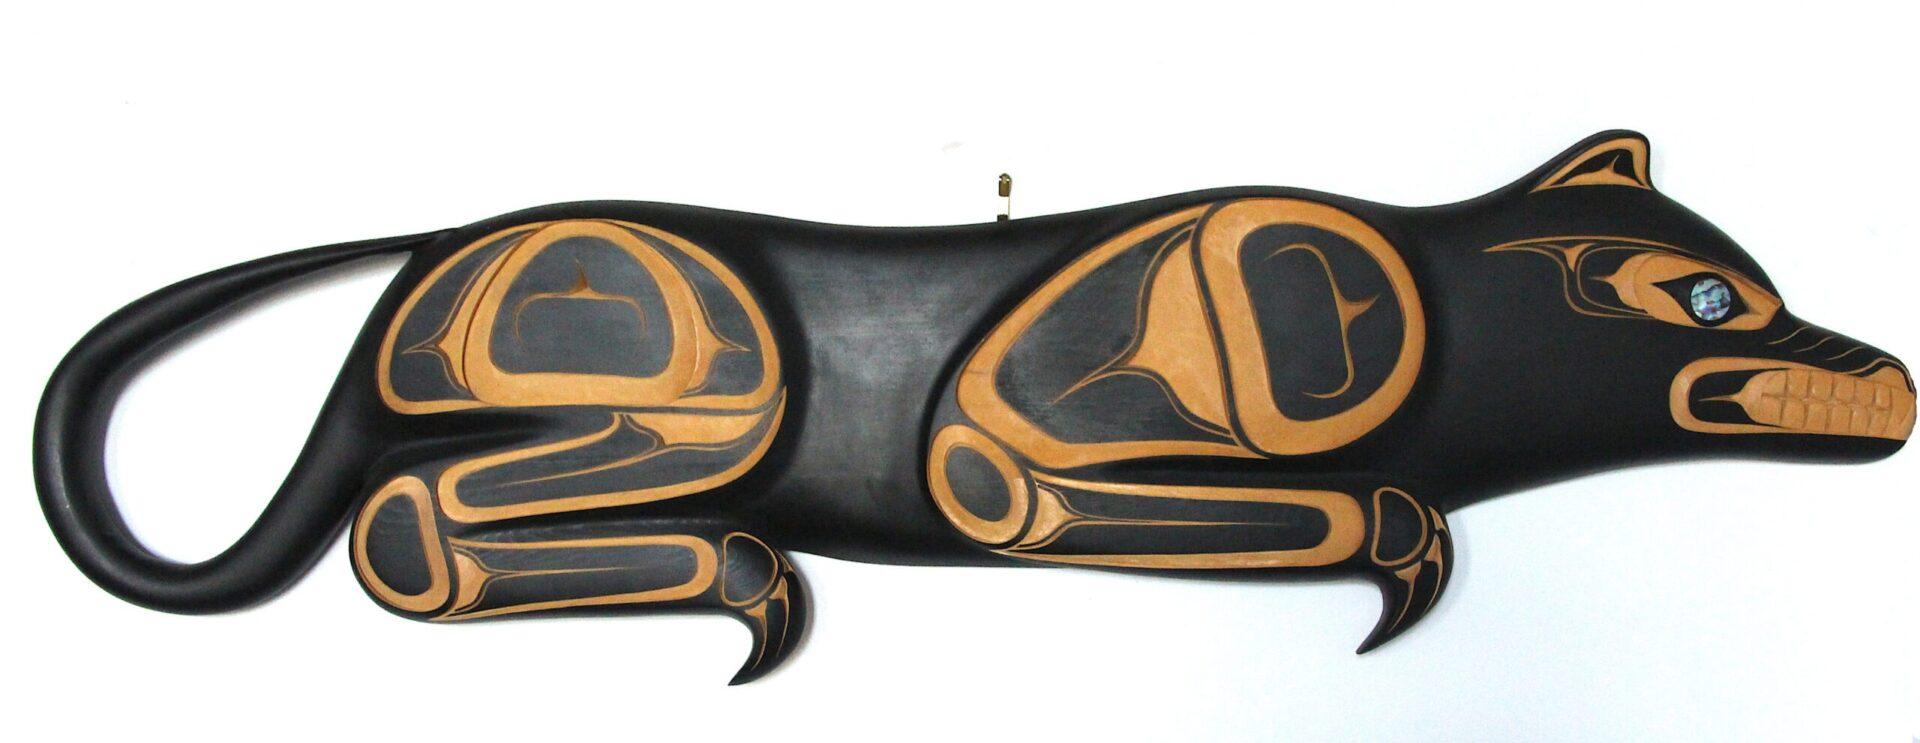 cougar west coast art in cedar wood